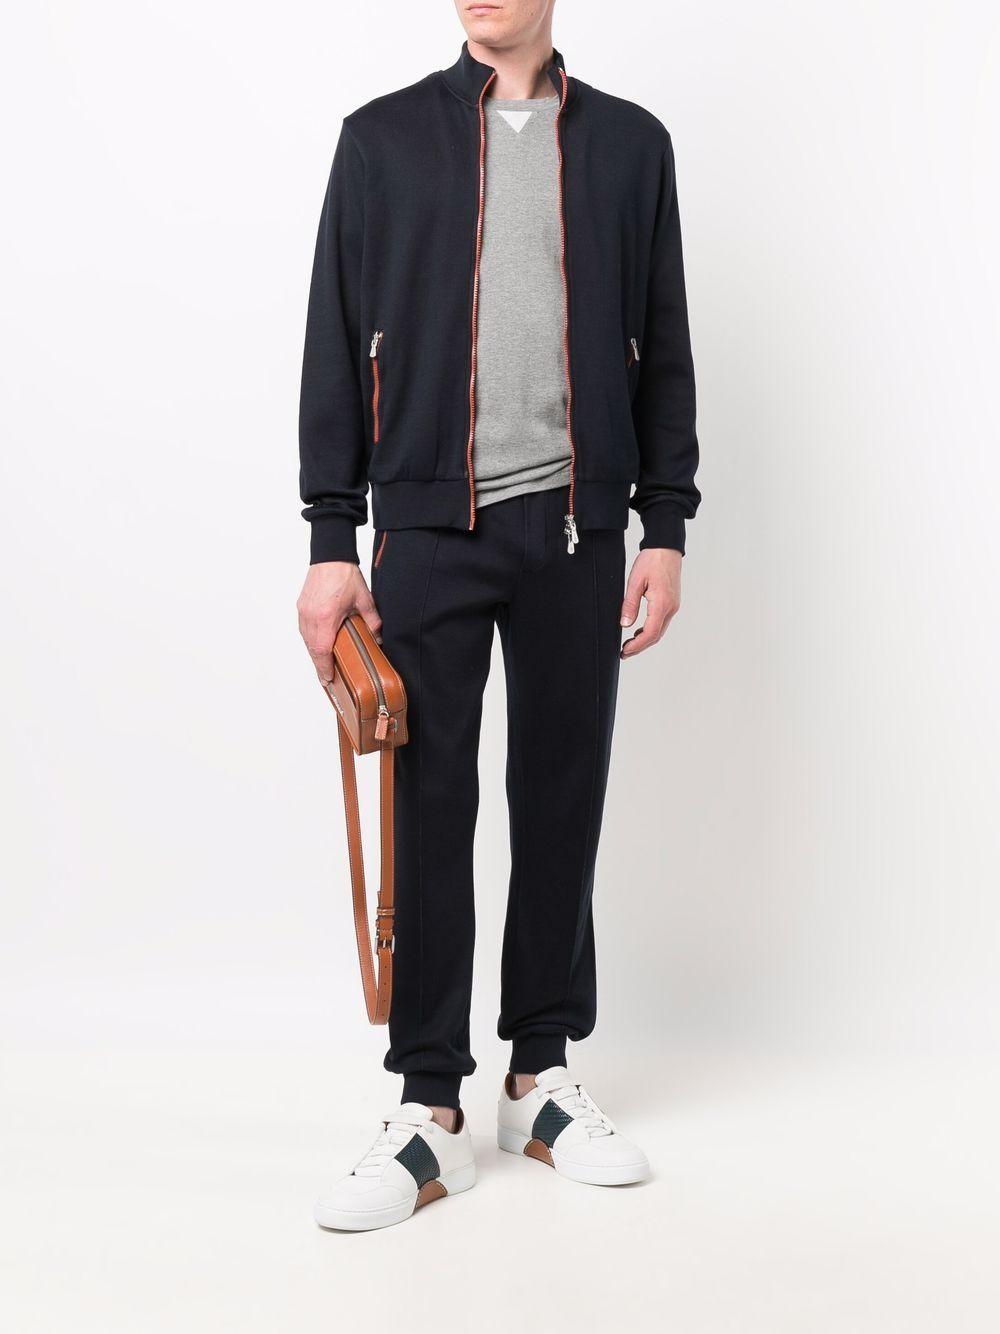 Pantaloni sportivi neri in cotone con coulisse alle caviglie elastiche ELEVENTY | Pantaloni | D75FELD13-FEL2600511A